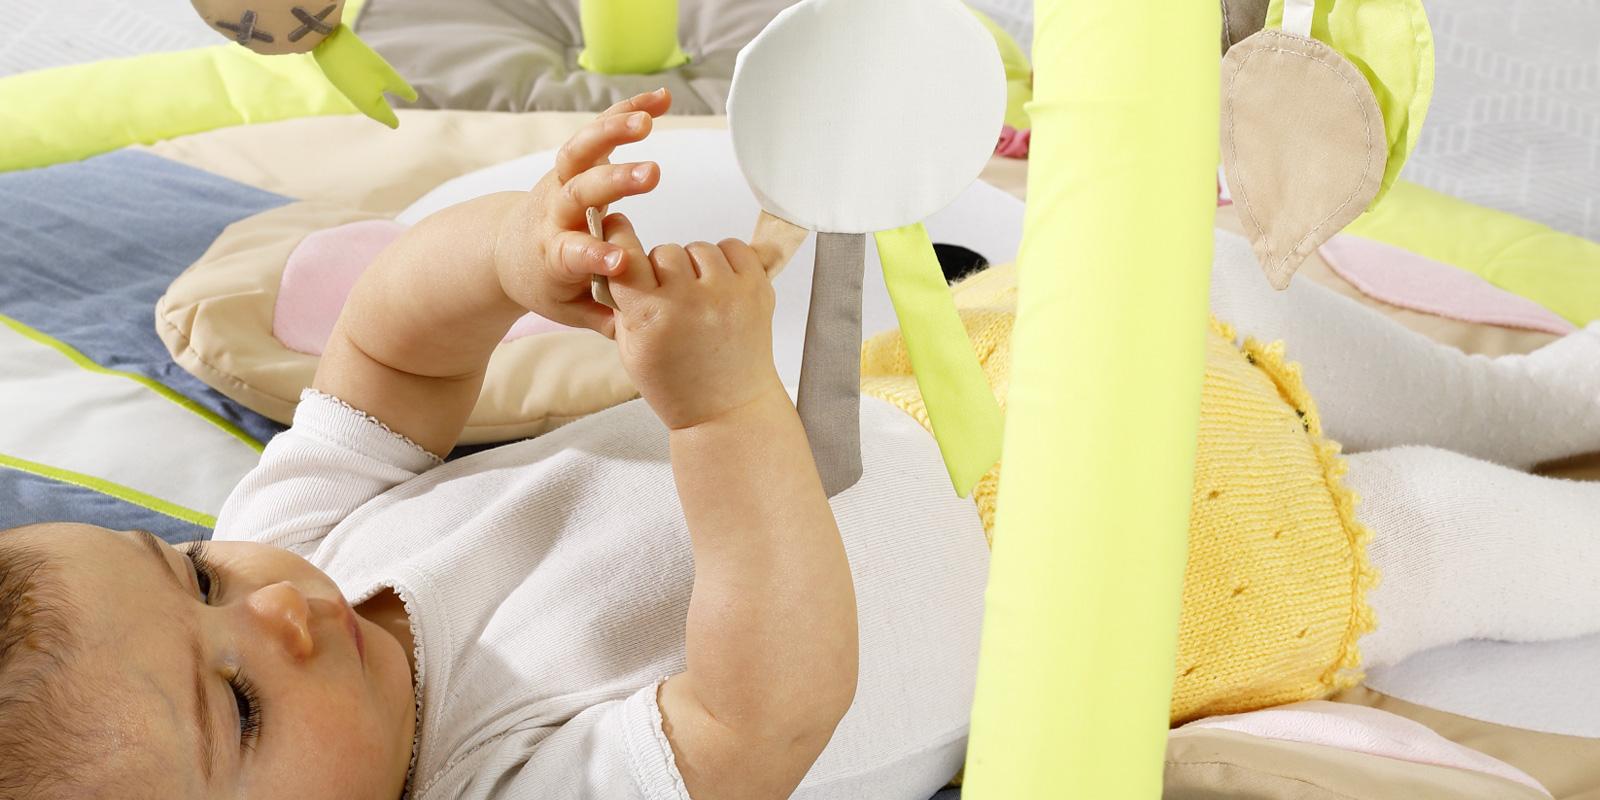 Comment encourager le développement de la motricité fine chez Bébé ?